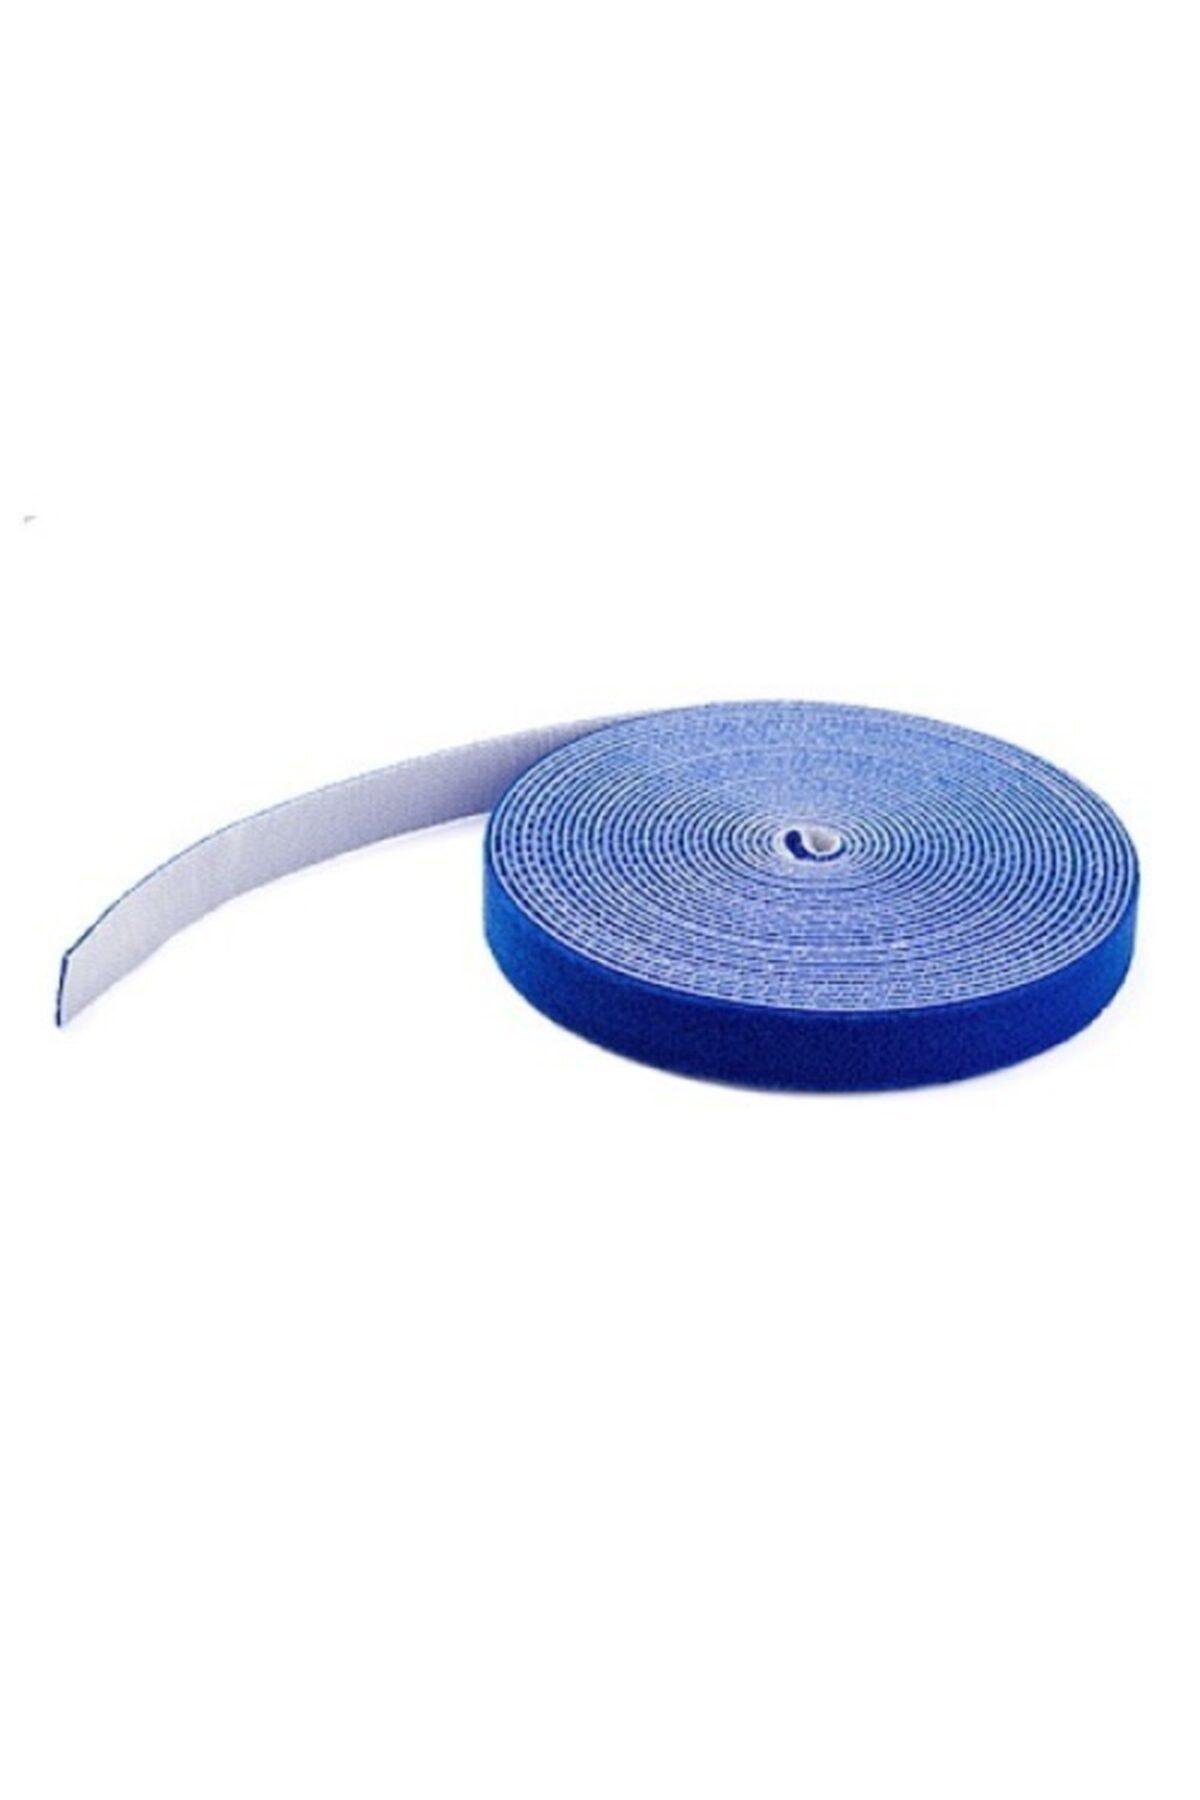 Hdg Kesilebilir Kablo Sarıcı Ve Düzenleyici Organizatör 3 Metre -mavi 2